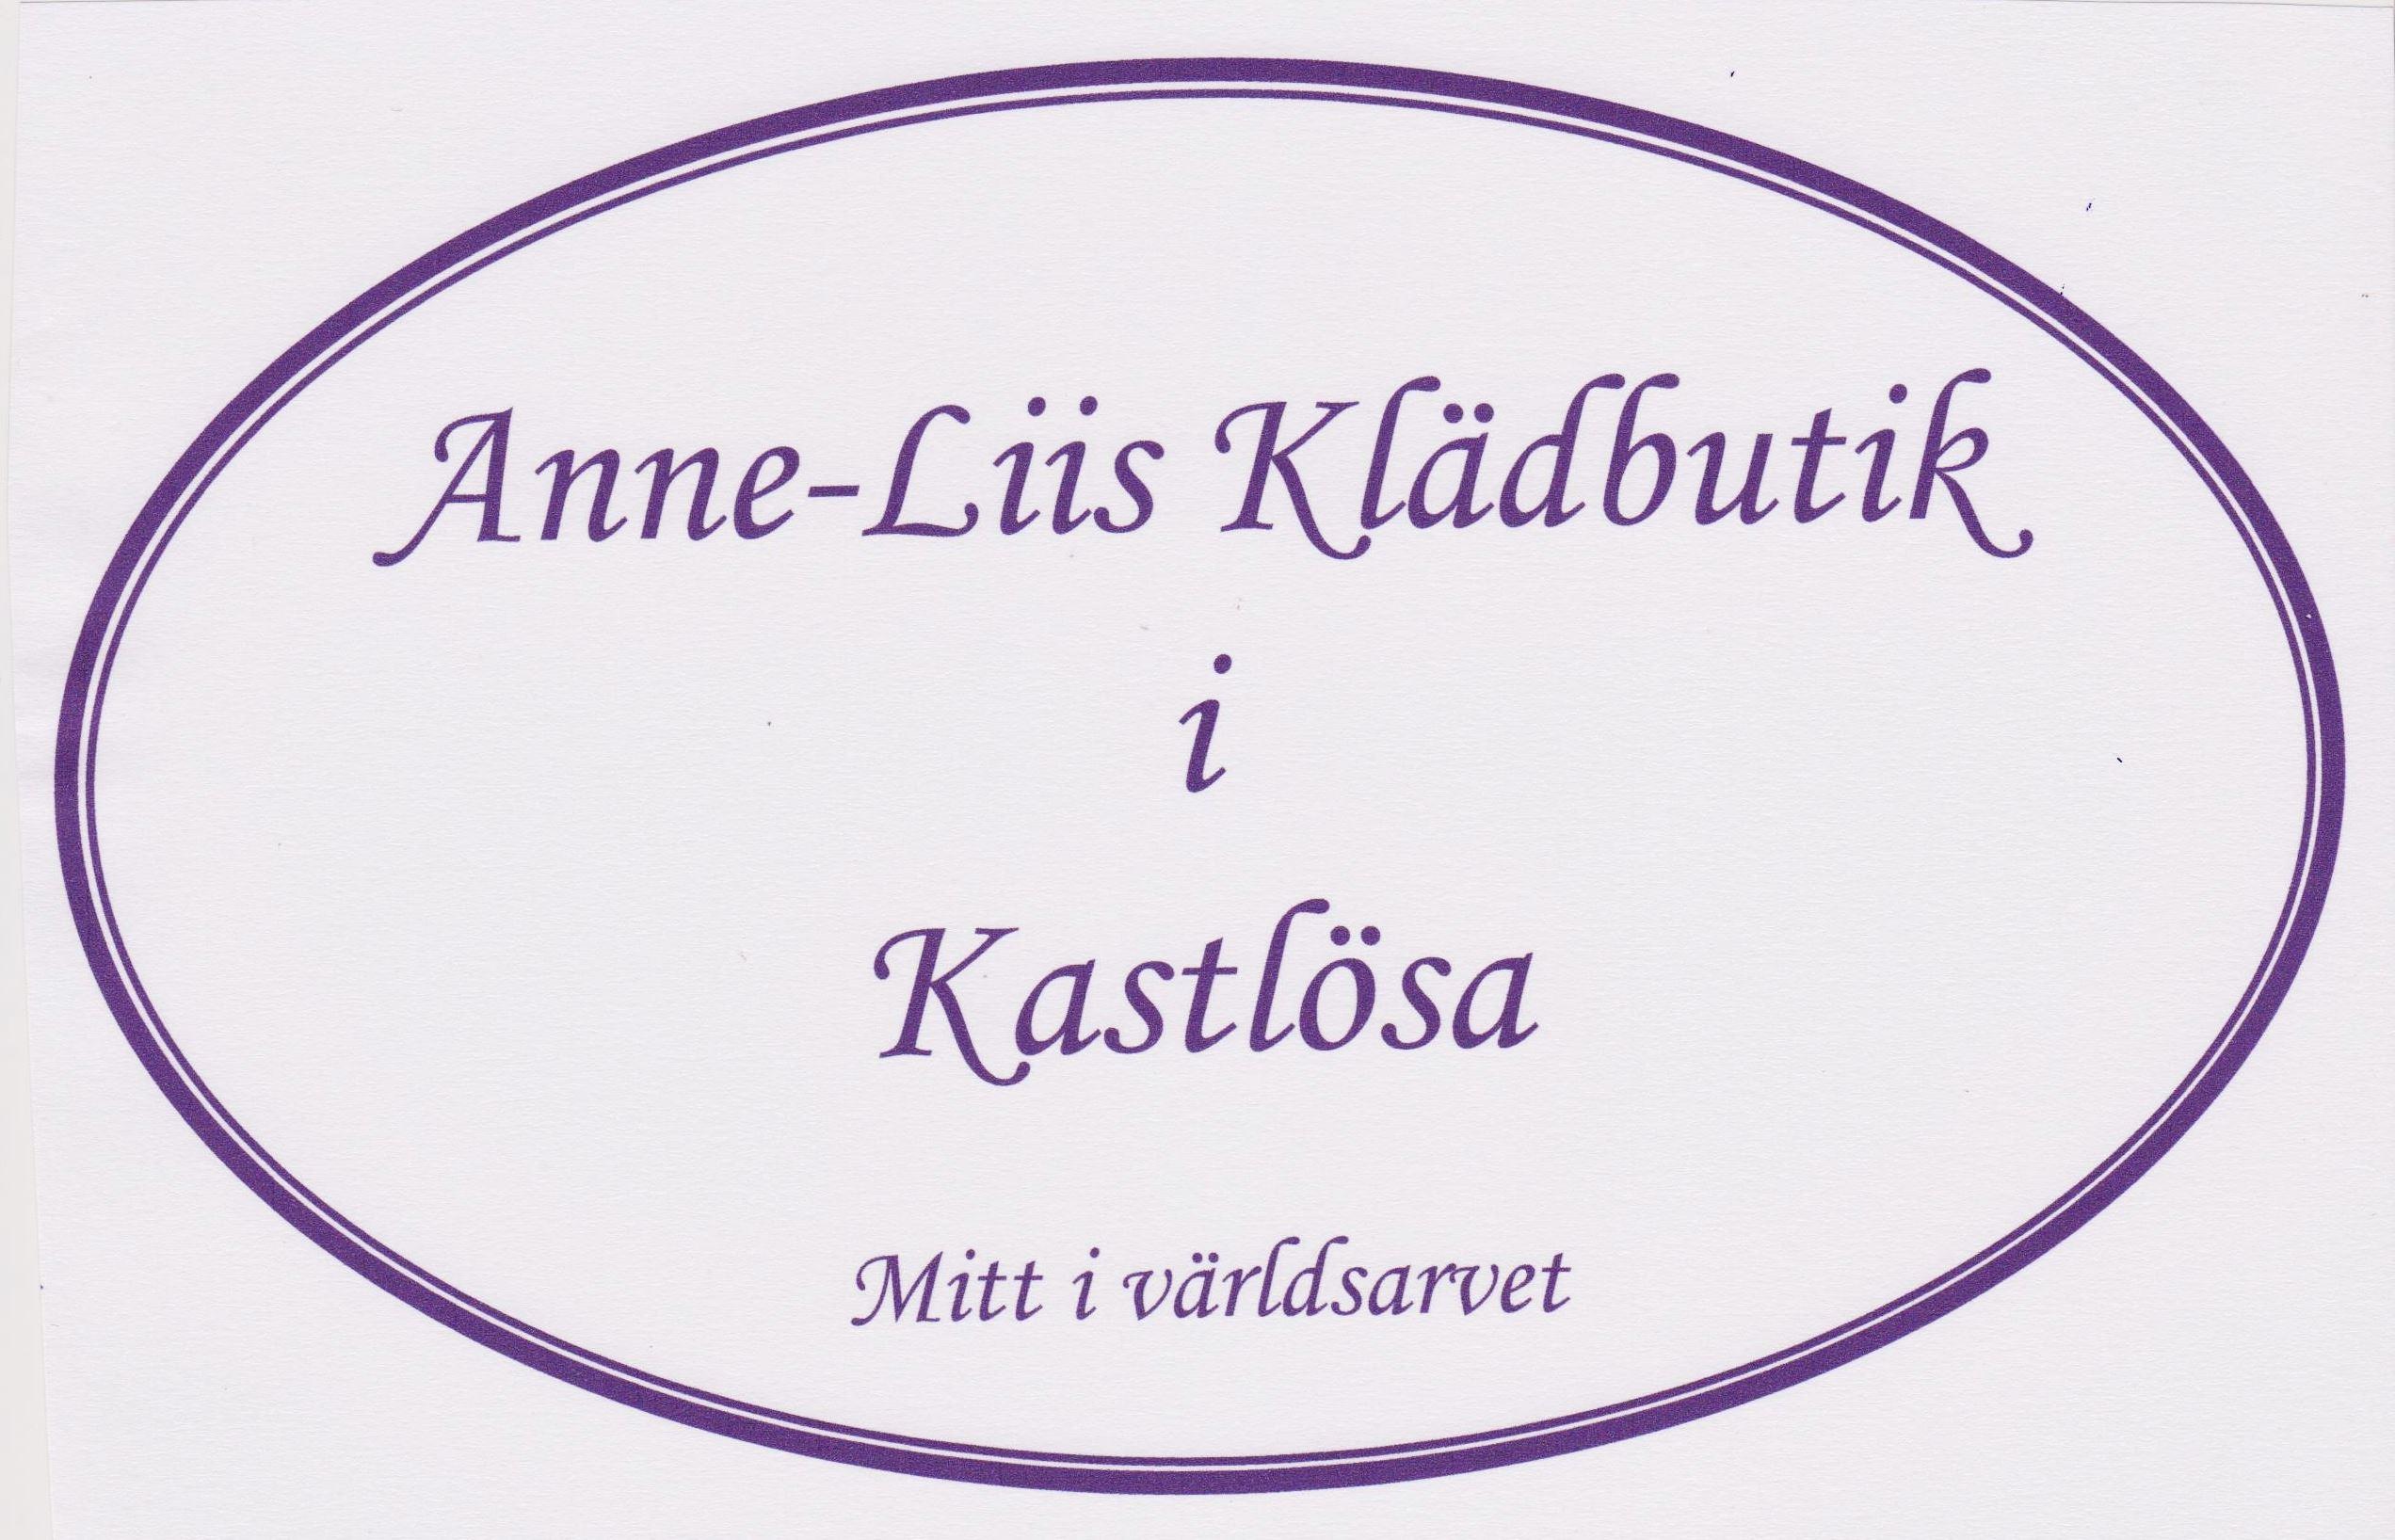 Anne-Liis Klädbutik - Kastlösa